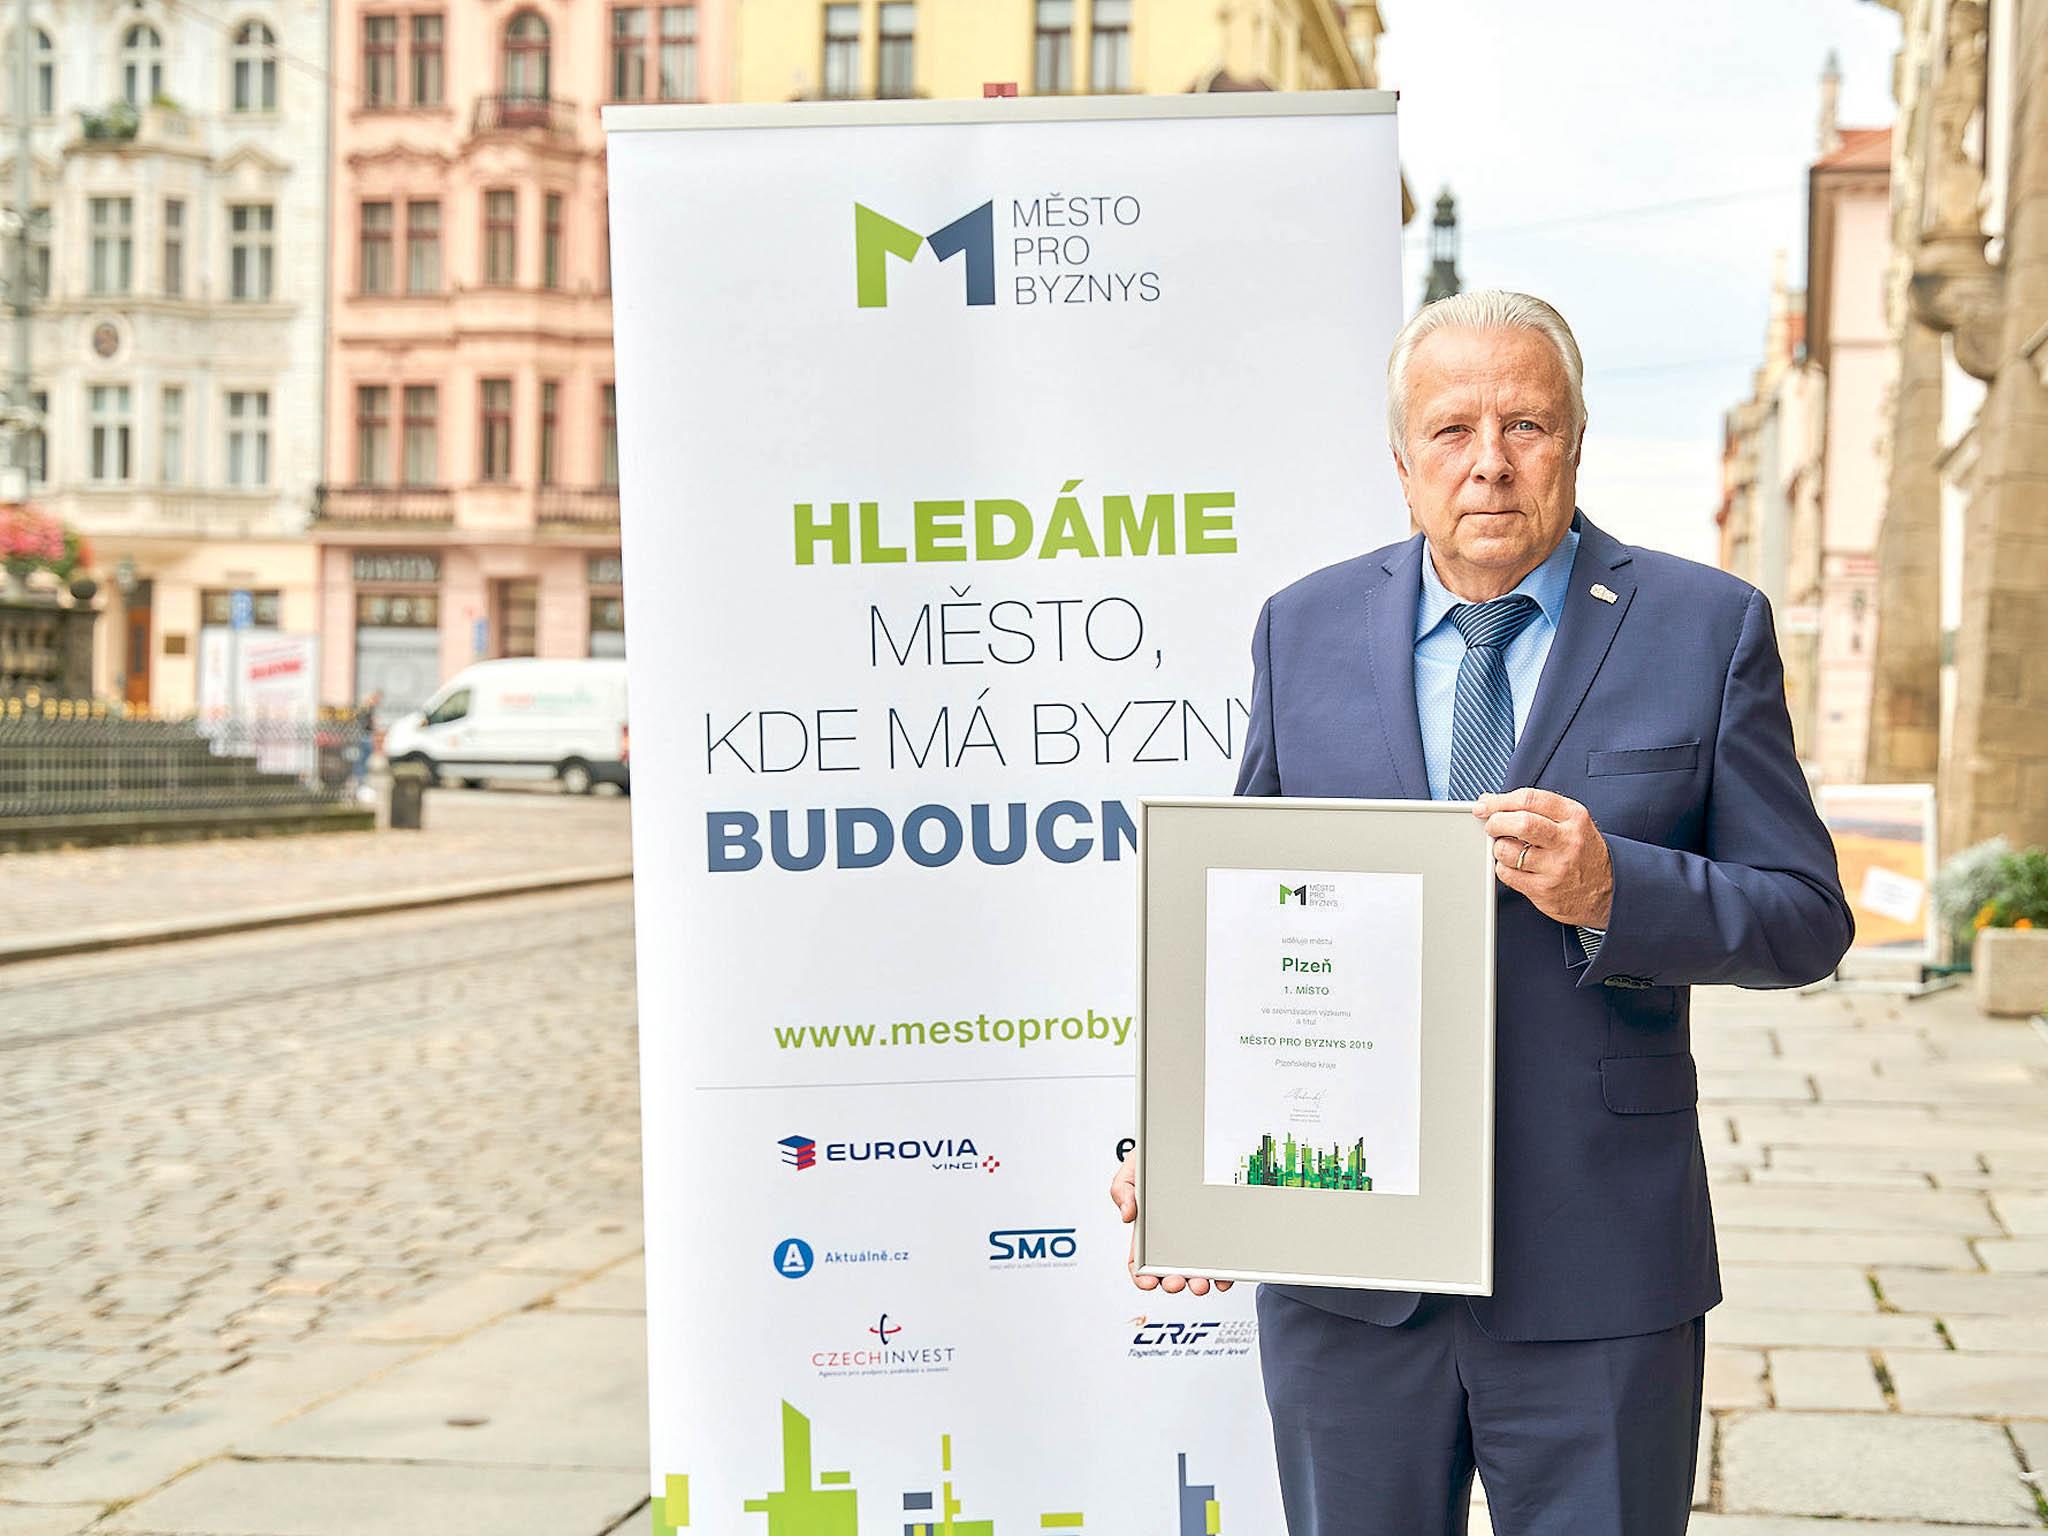 """""""Plzeň je přirozeným centrem podnikatelského života vkraji,"""" říkáVlastimil Gola, radní pro smart city apodporu podnikání města Plzně."""